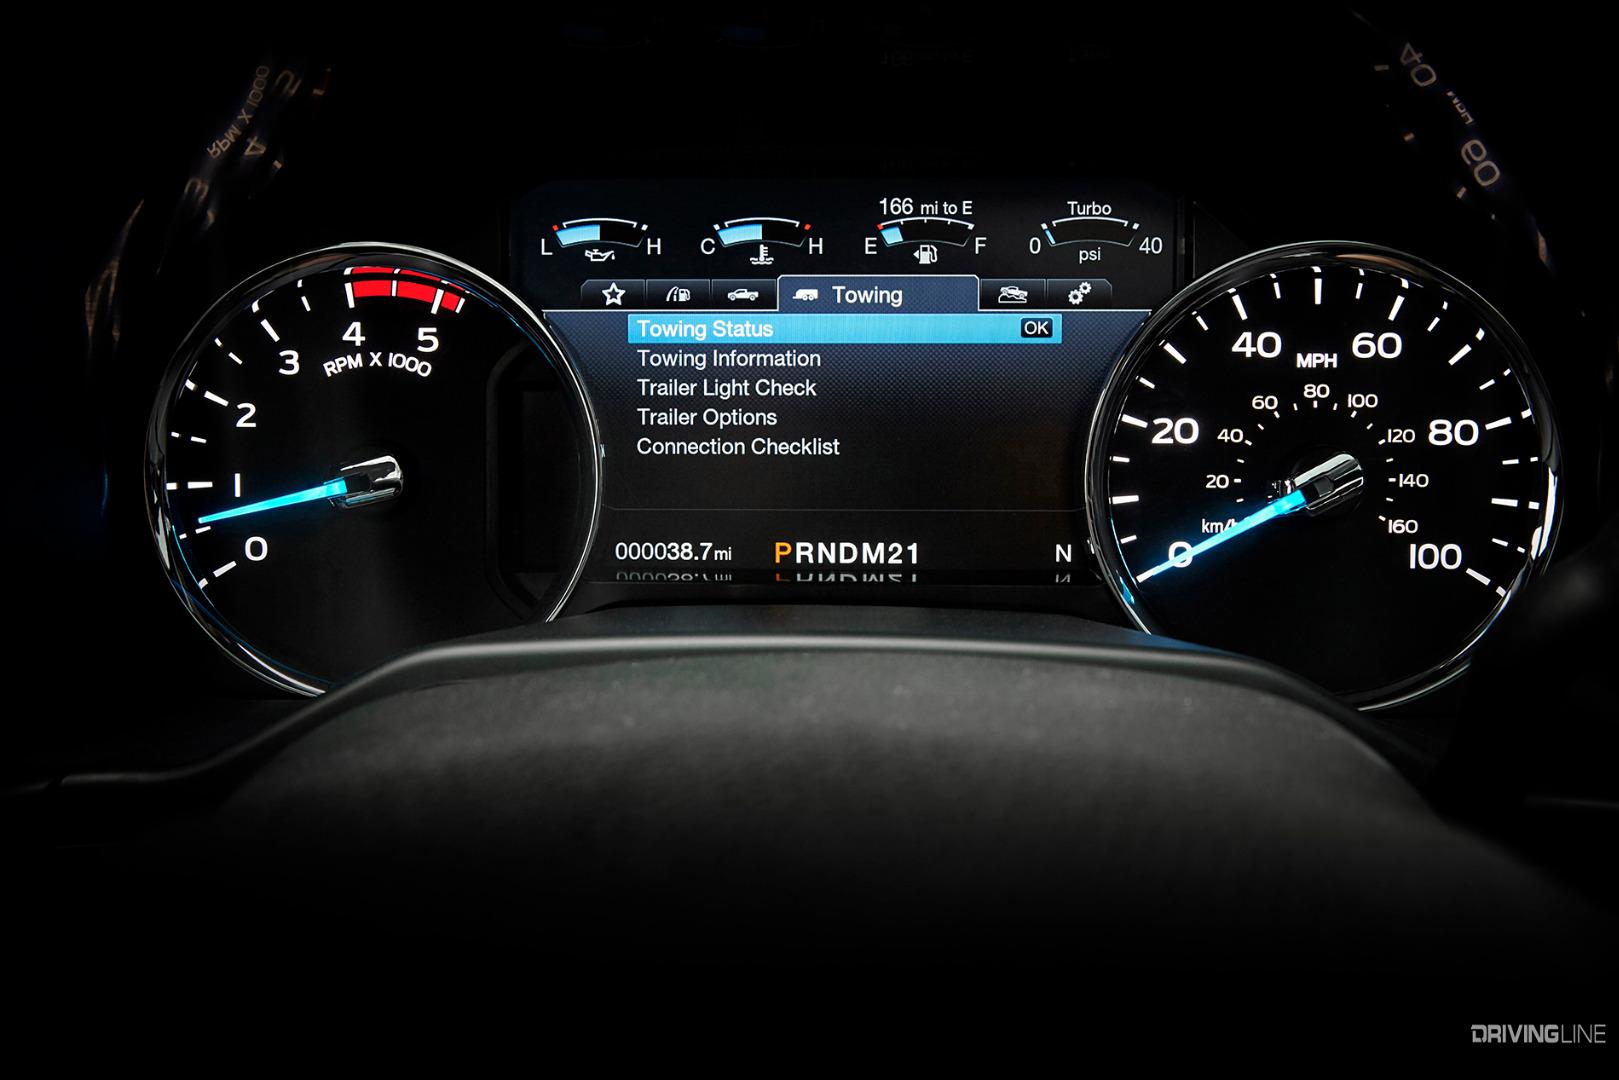 Driven 2017 Ford F 350 Super Duty Drivingline